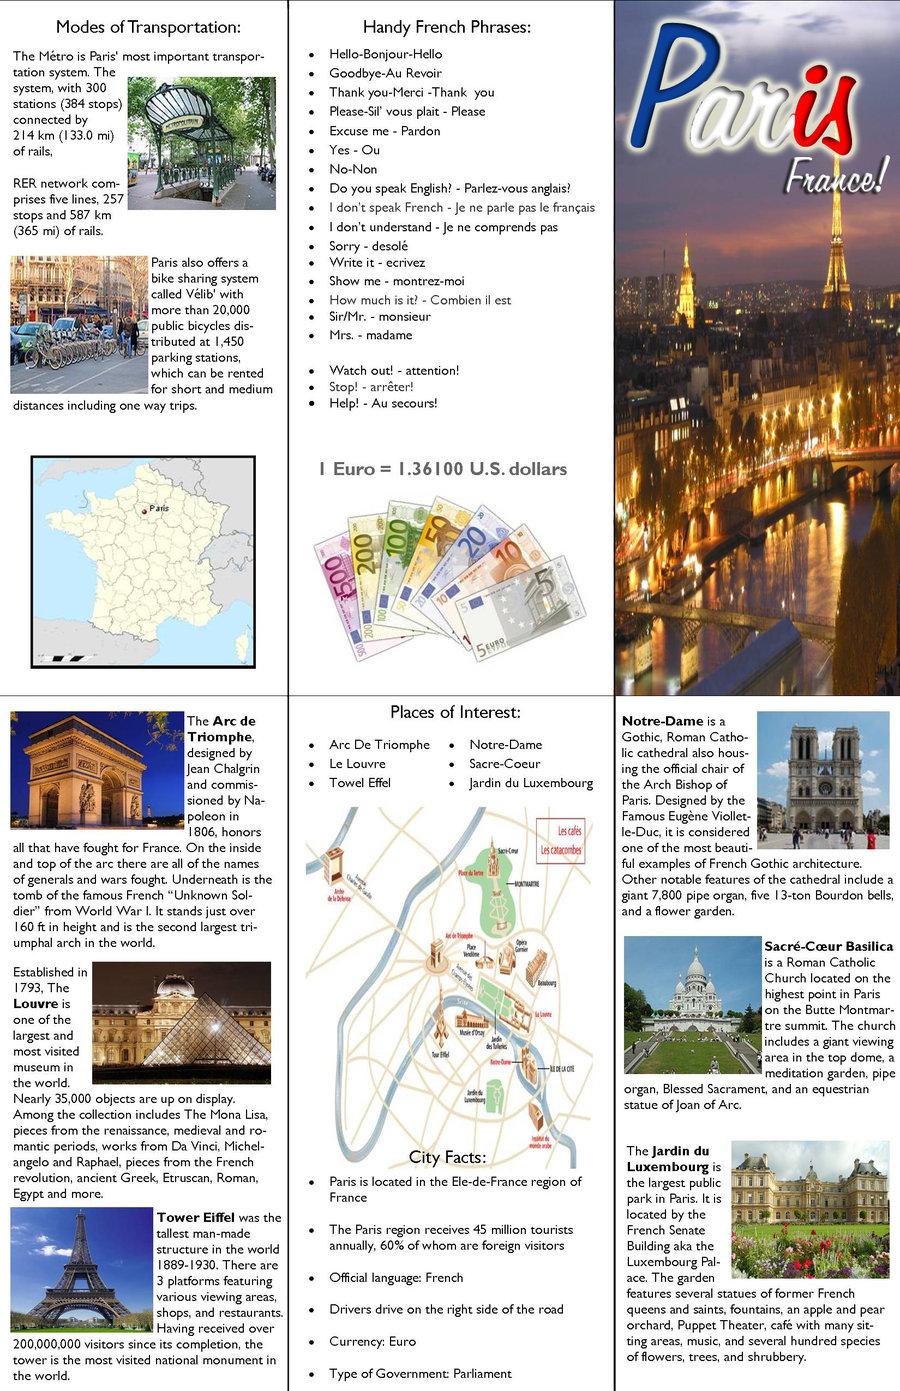 Brochure Samples Pics: Brochure Paris avec Combien De Region En France